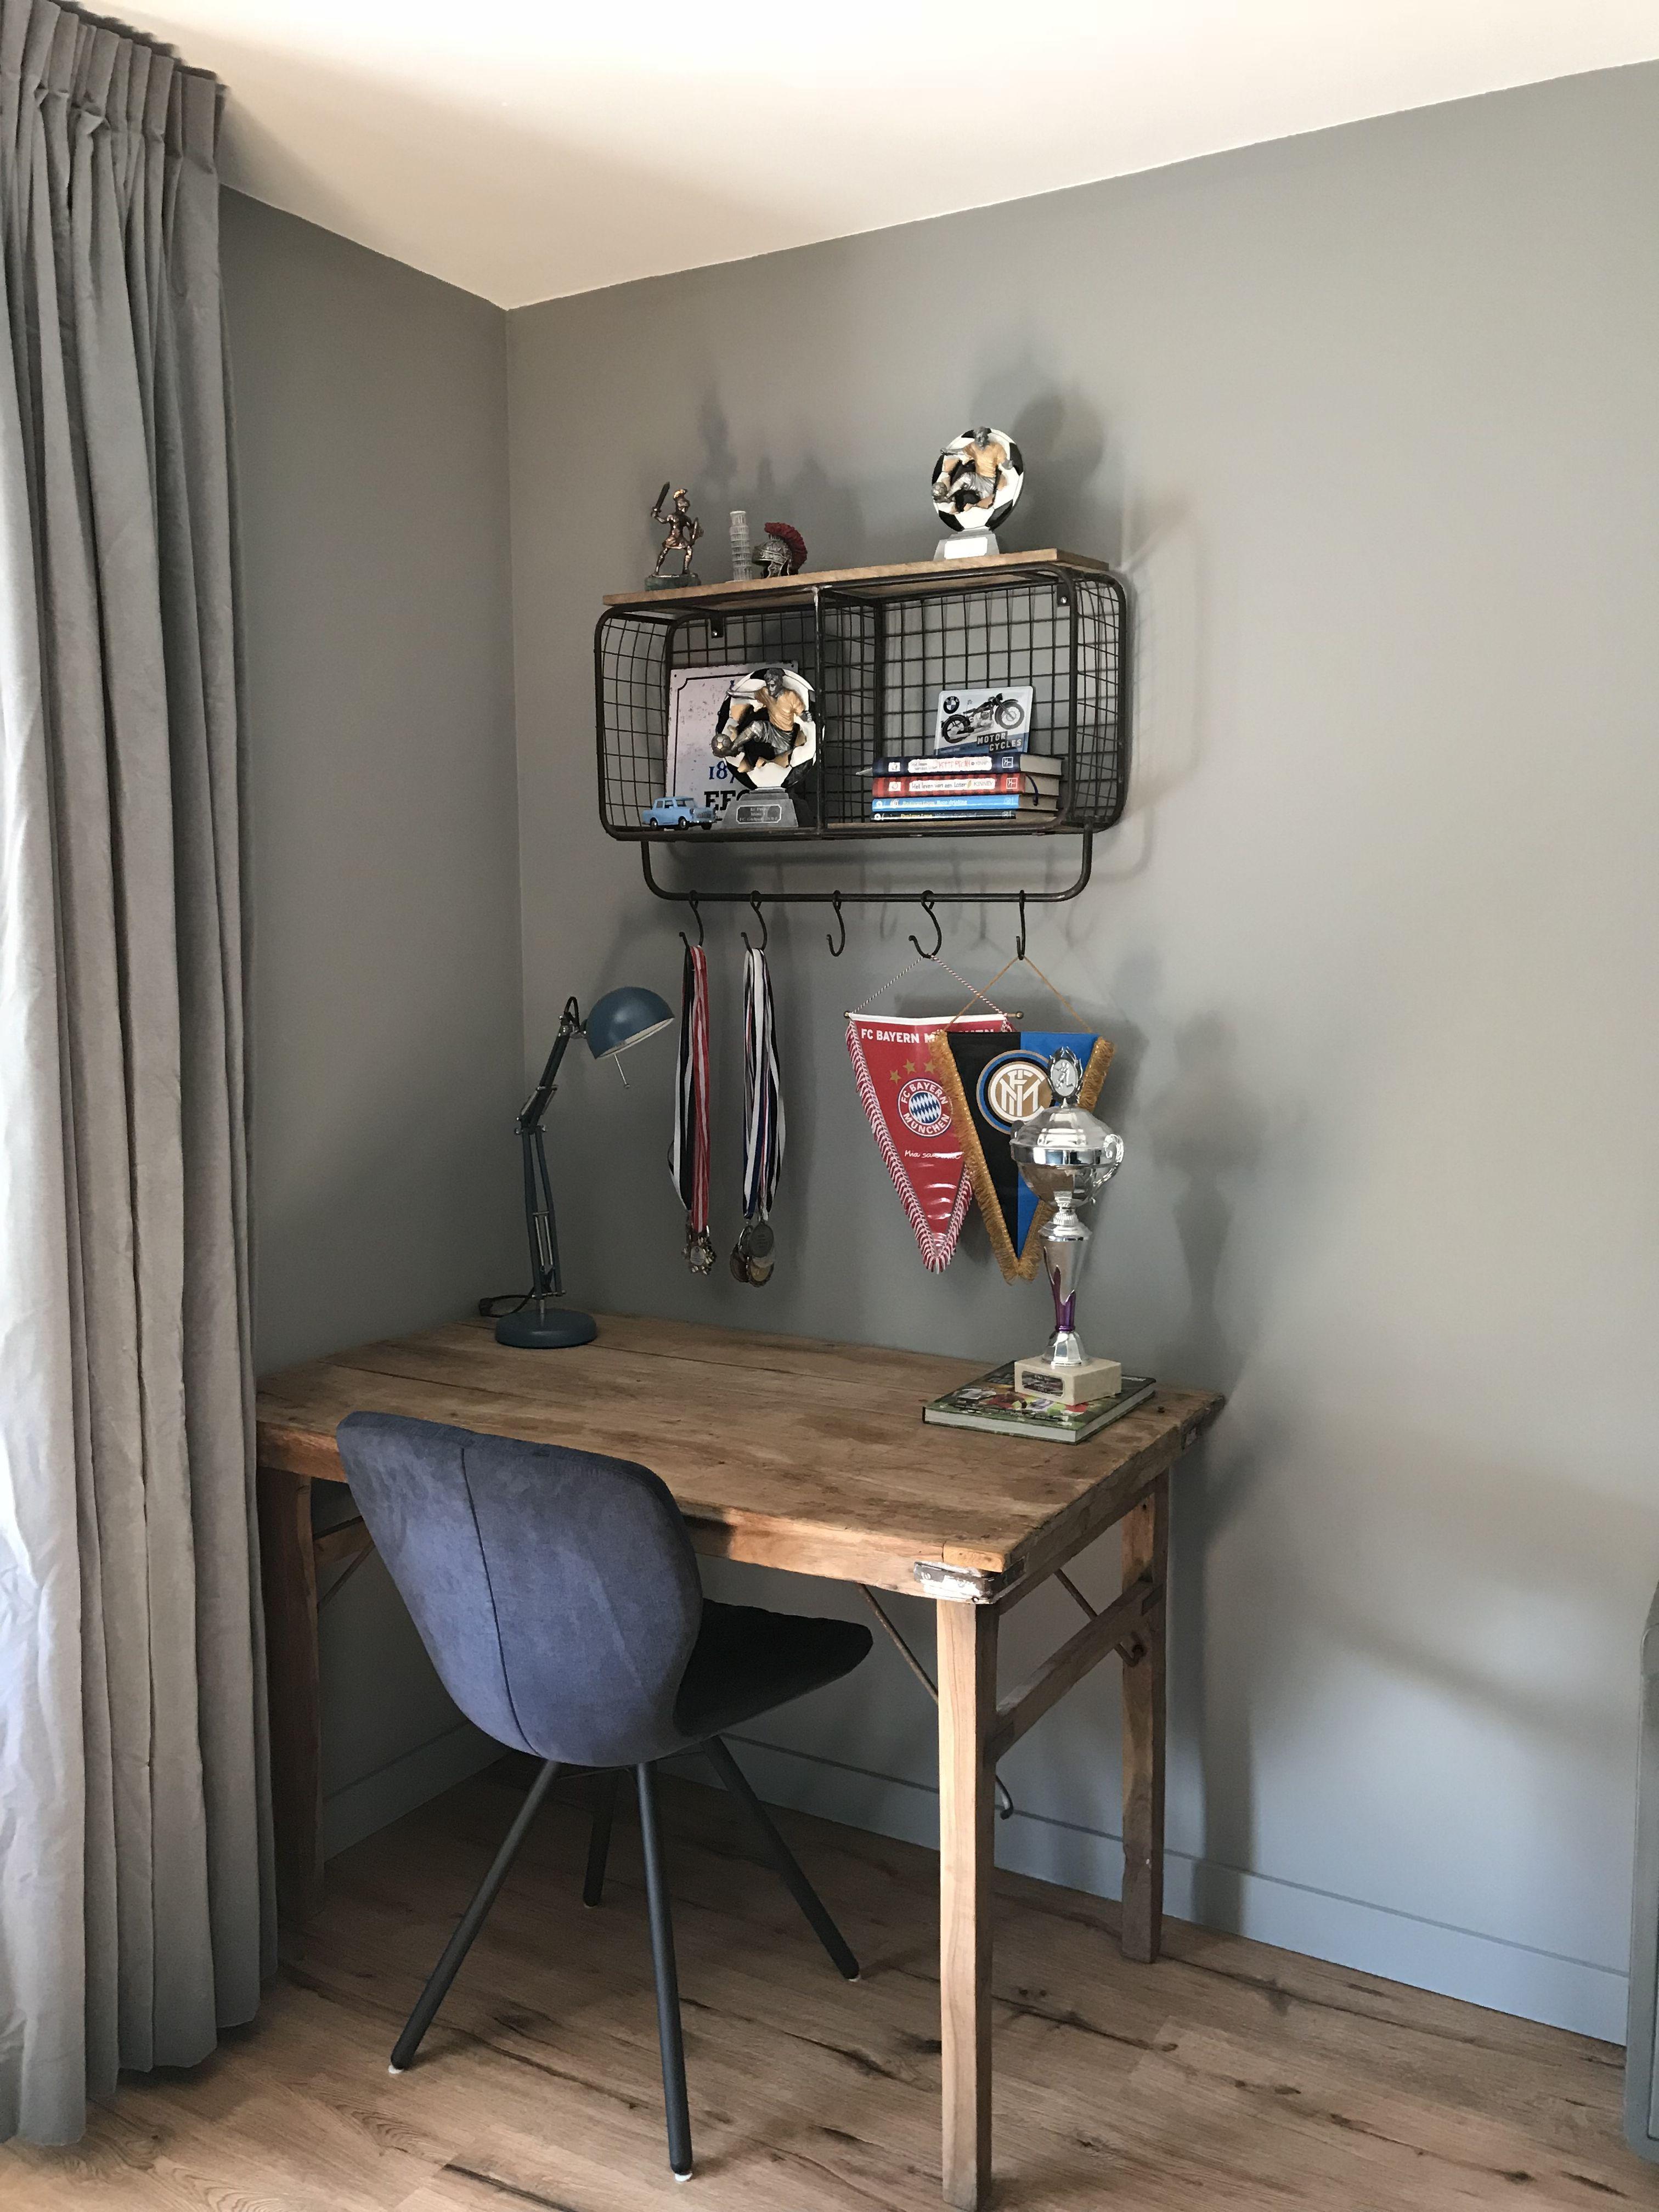 Vintage Teenroom Wall Pure Original White Rhino Thuisbijwendoosje Interieur Muur Kleuren Muurkleuren